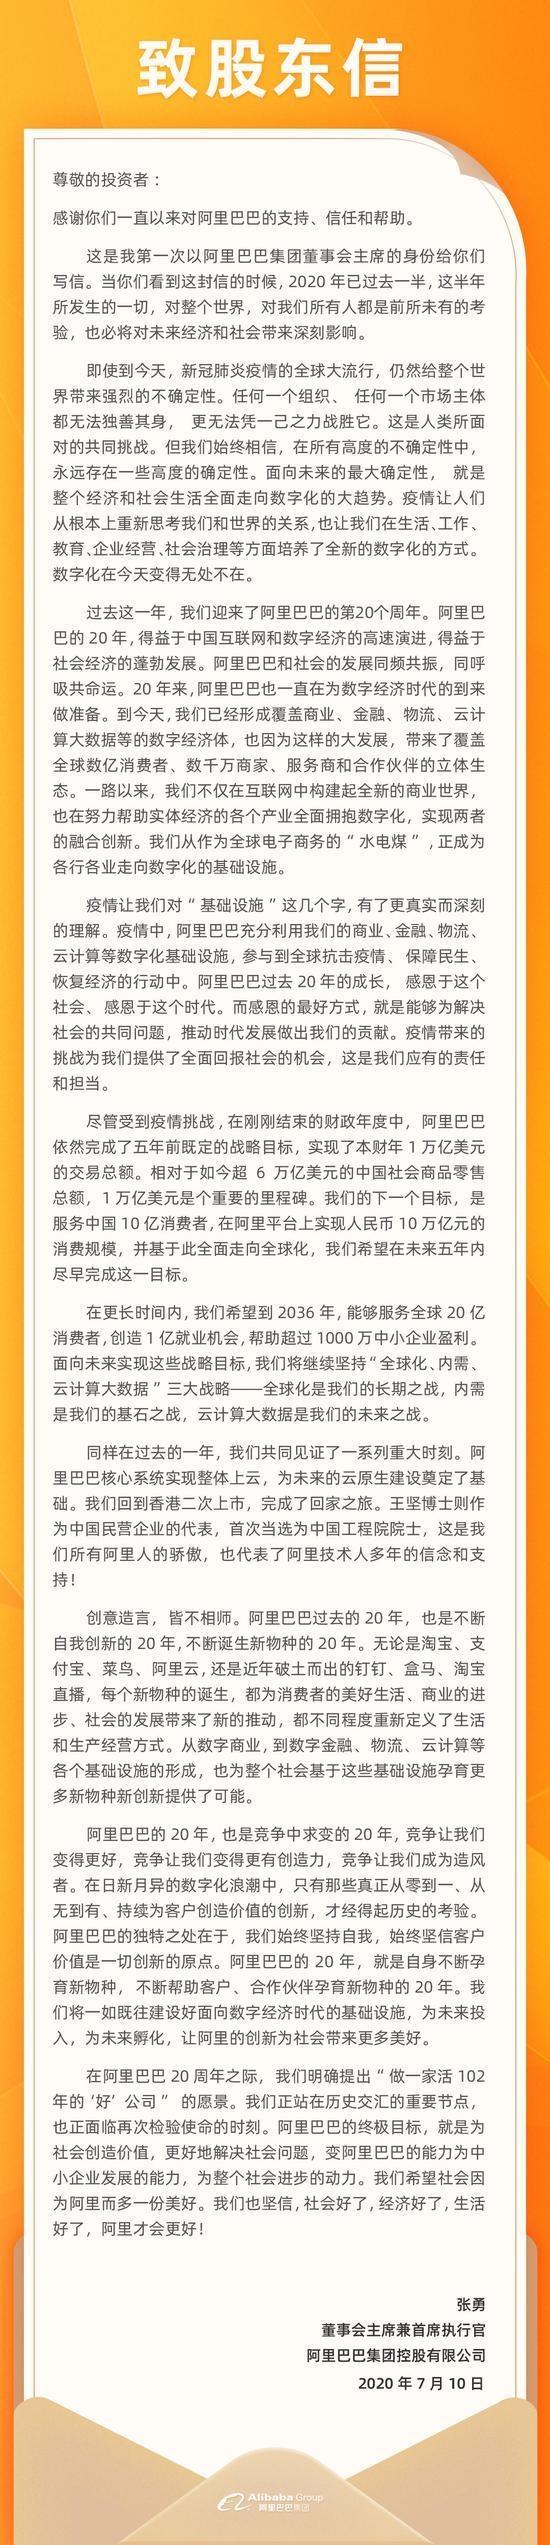 张勇发外致股东信:阿里坚持为社会创造价值 全力实现10万亿元的消耗周围